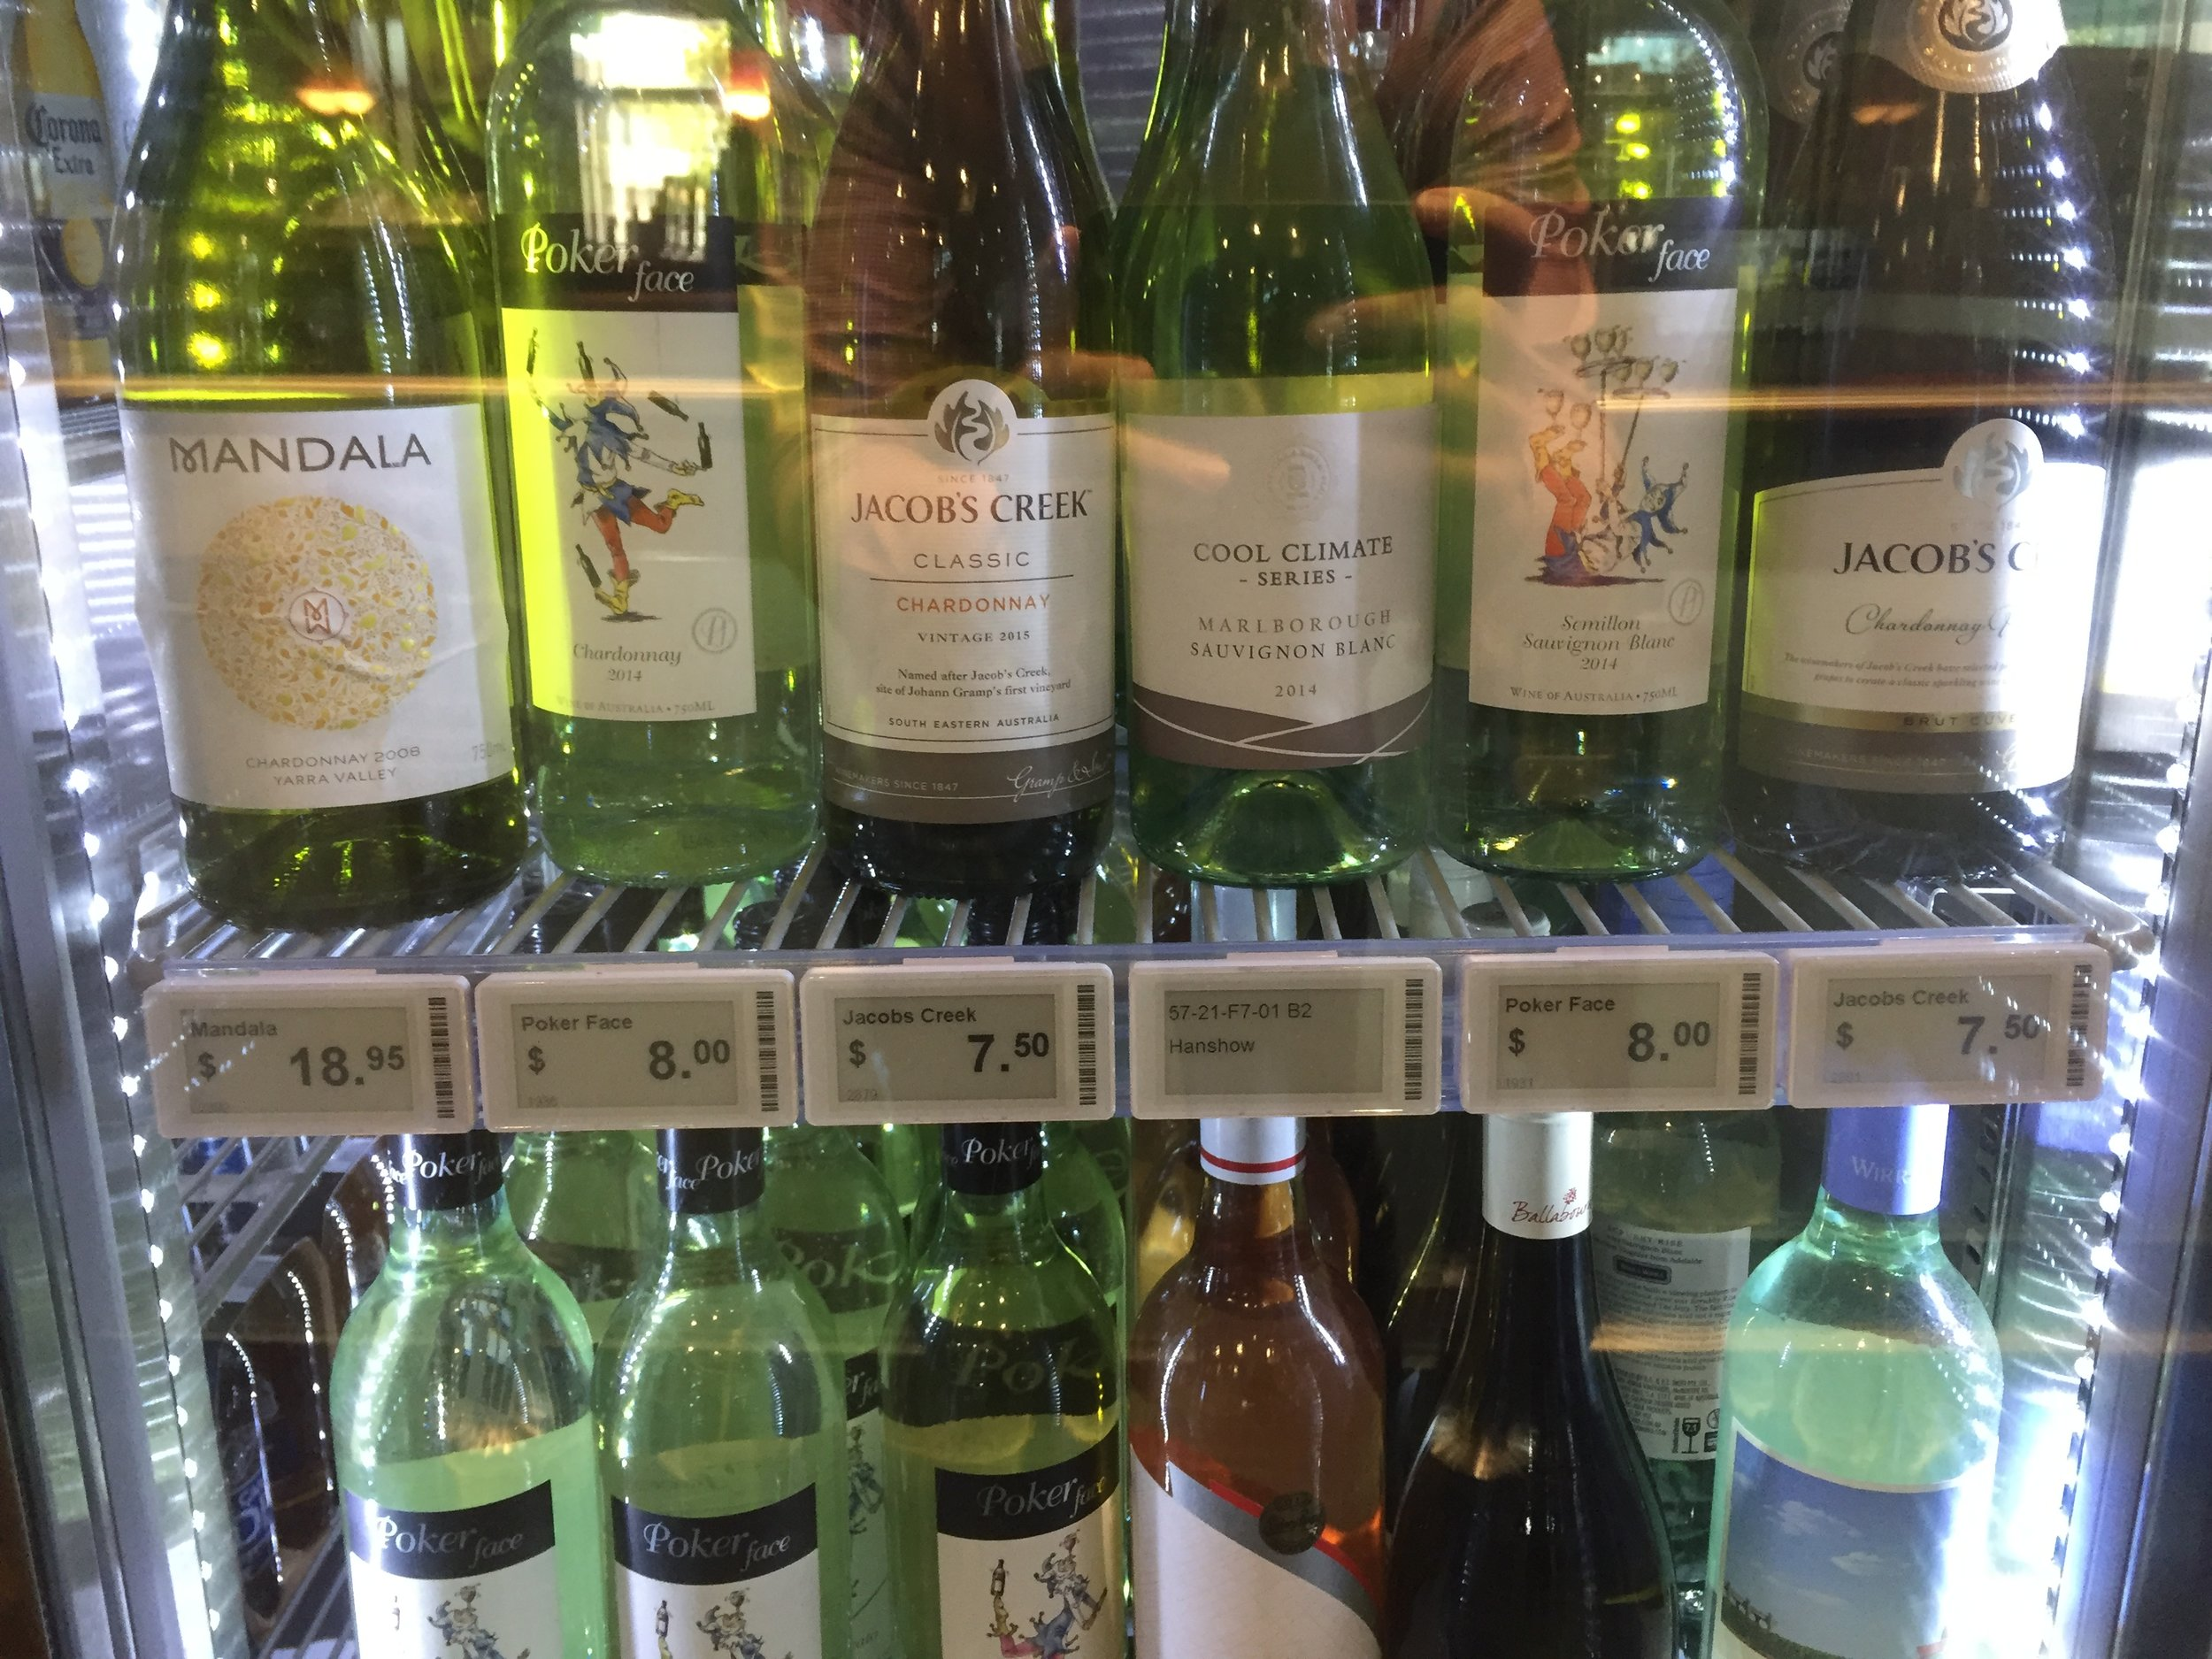 White wine fridge in bottle shop using esLabels digital pricing solution